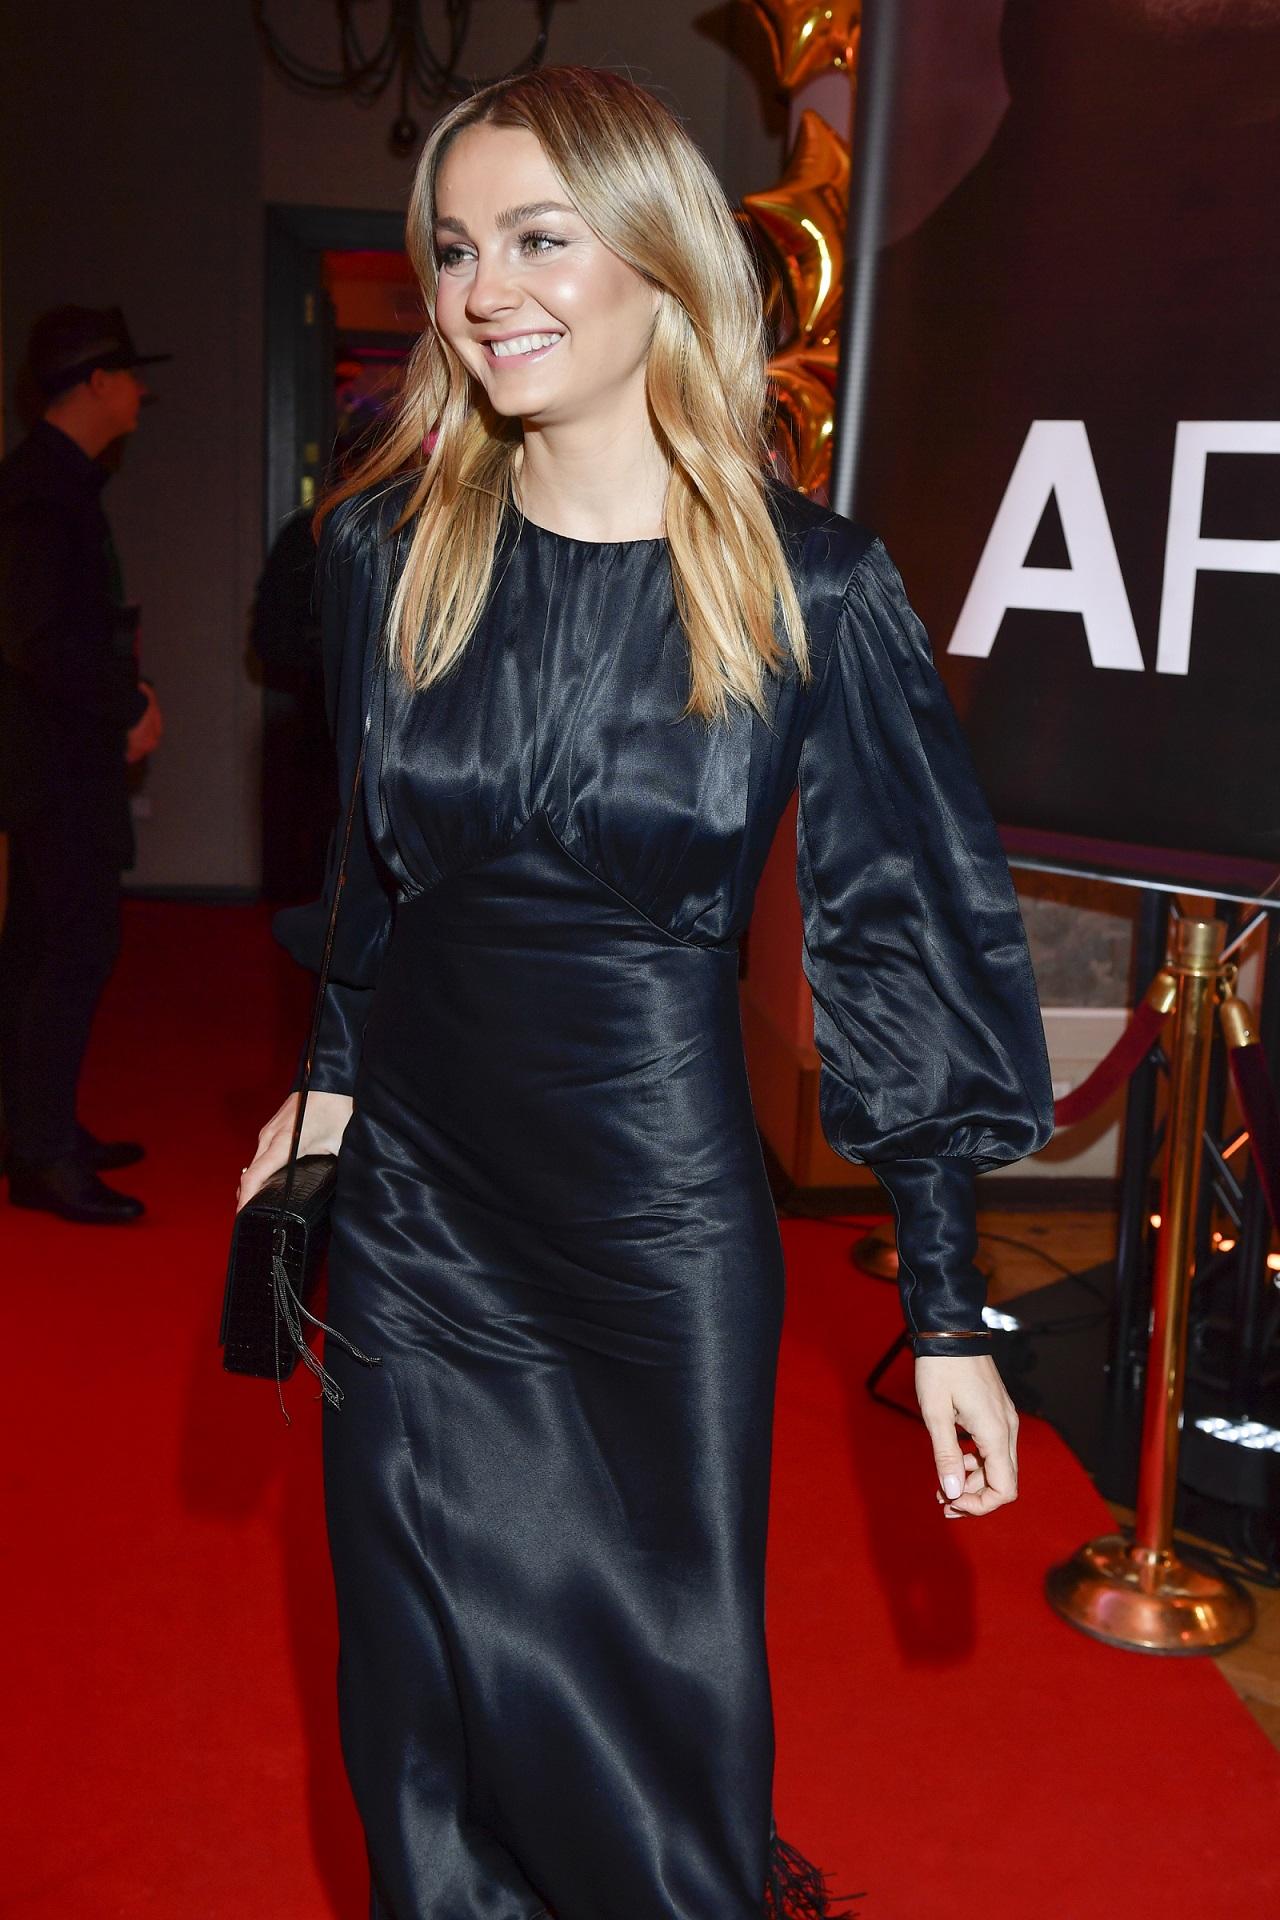 Małgorzata Socha w eleganckiej, czarnej sukni na czerwonym dywanie.